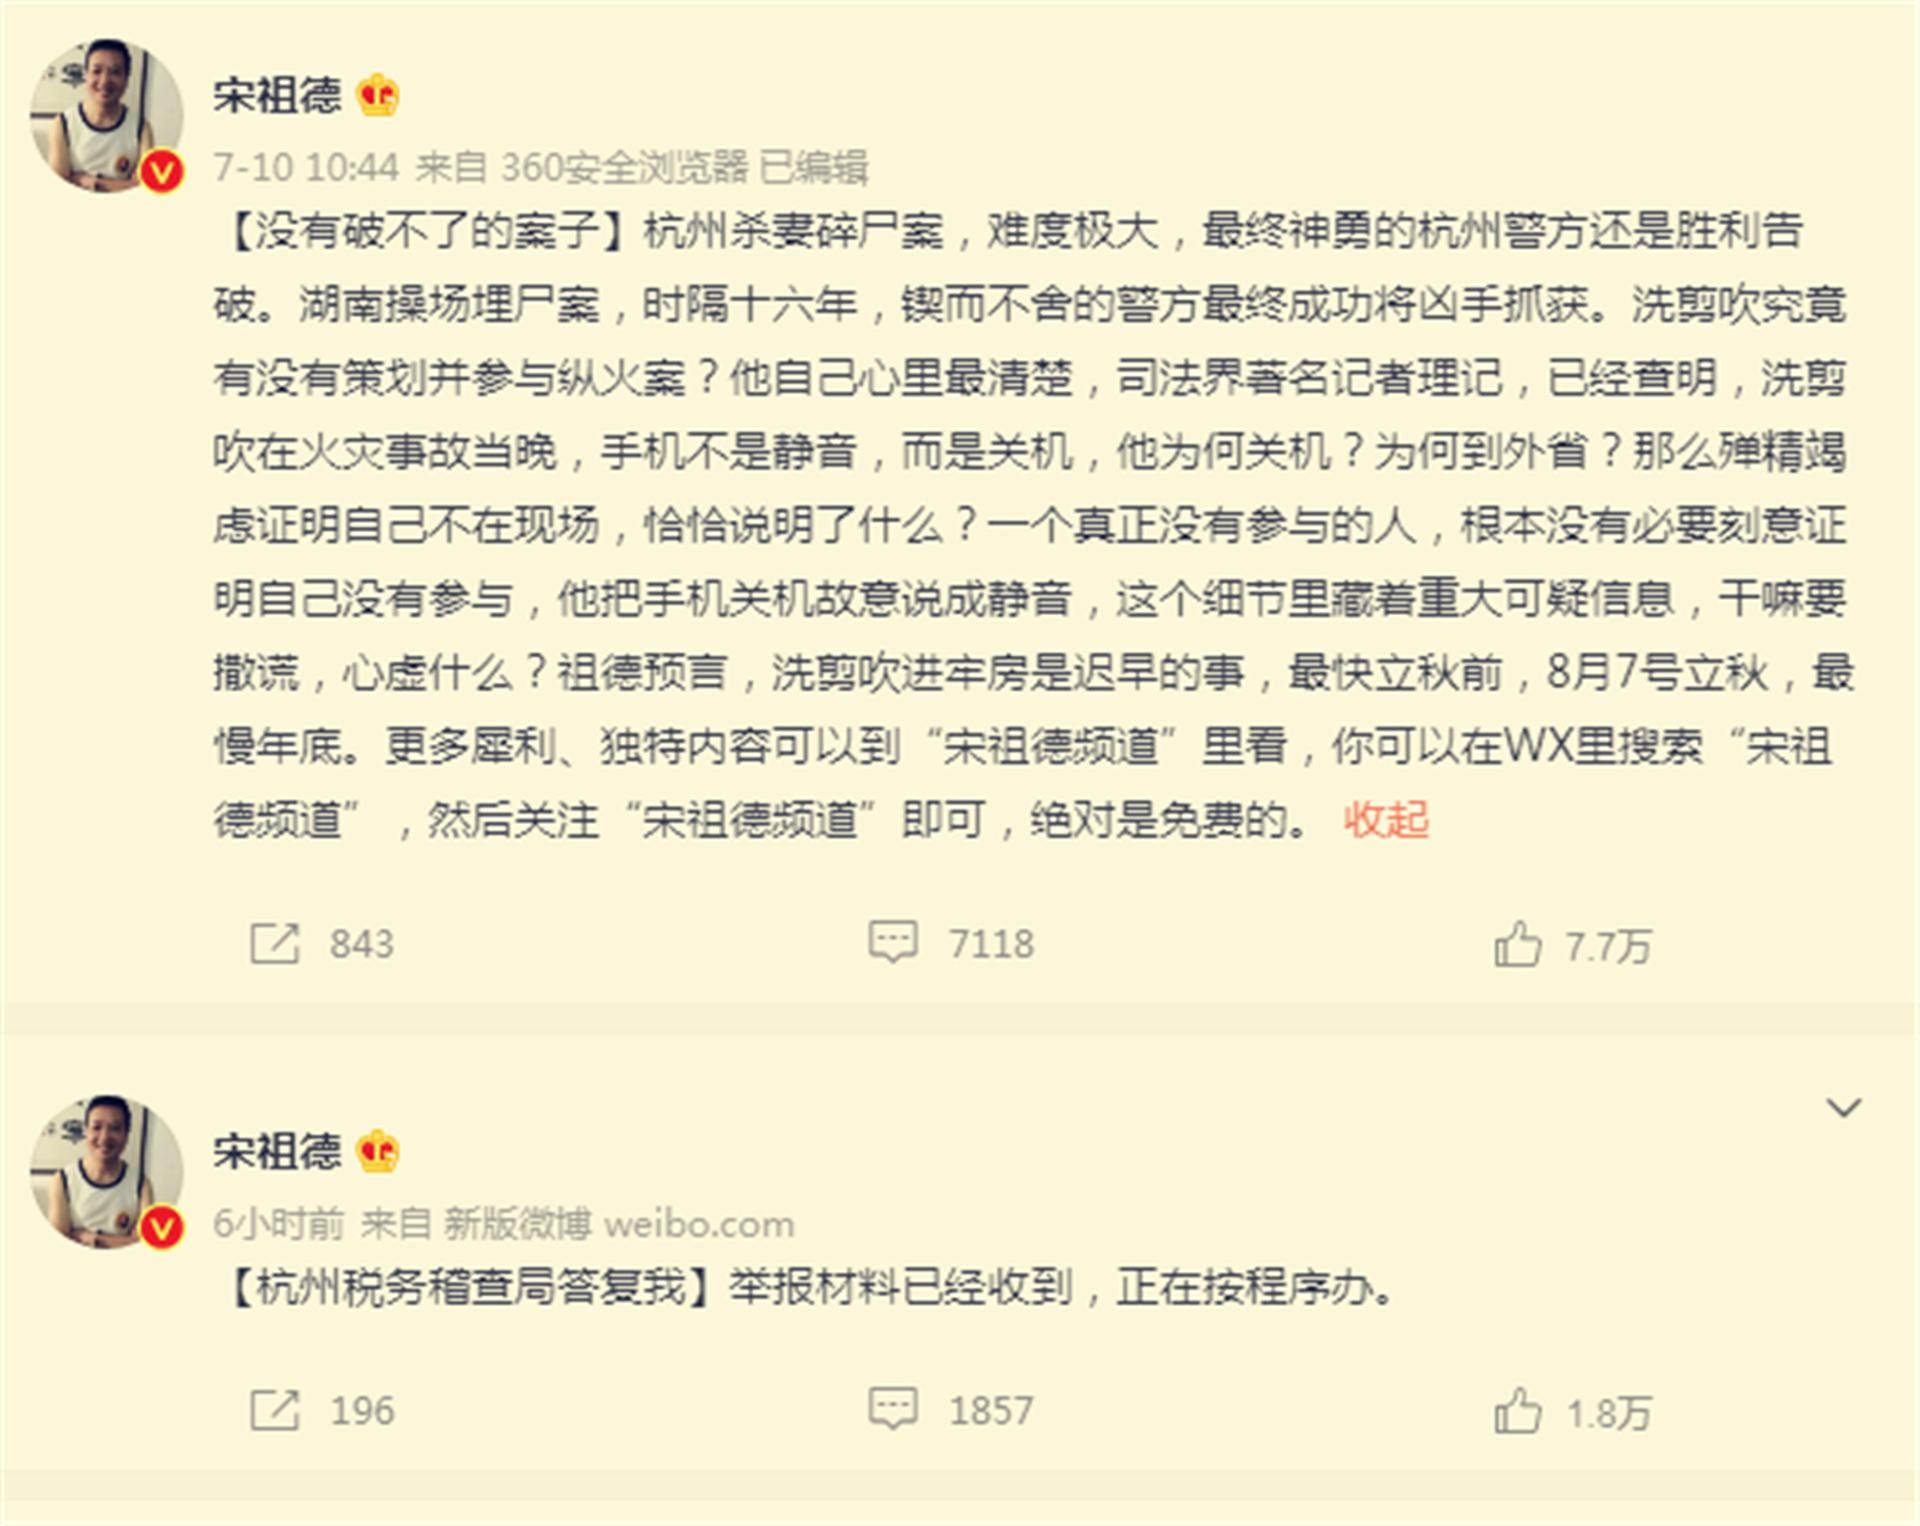 杭州保姆纵火案林生斌官宣再婚得女 引发轩然大波